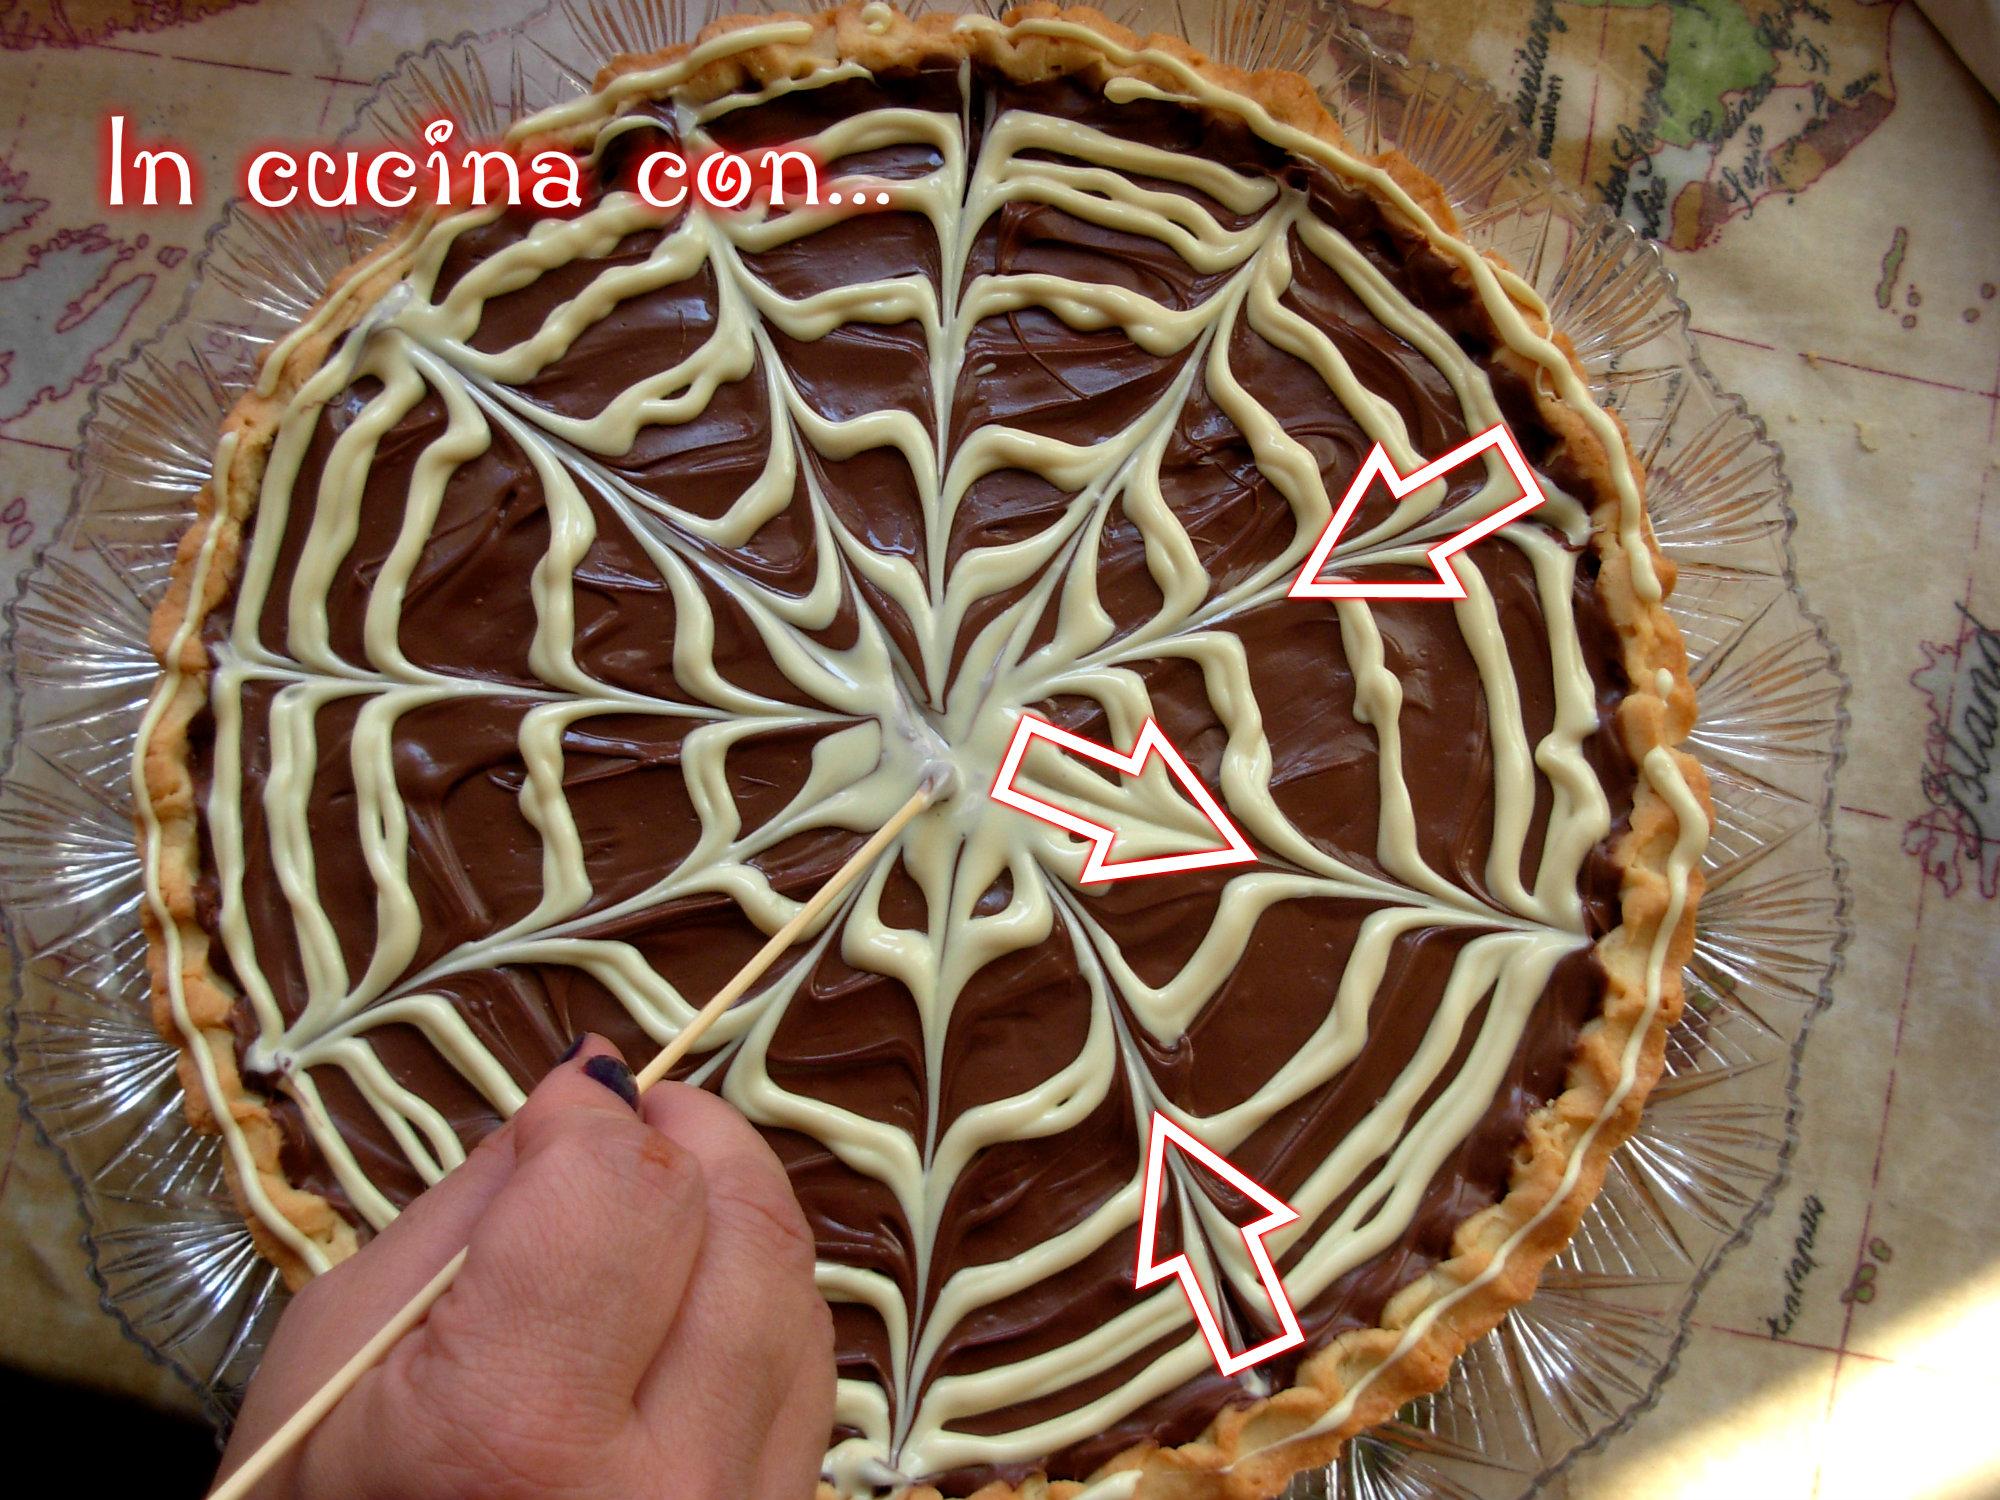 Crostata Con Nutella E Cioccolato Bianco In Cucina Con